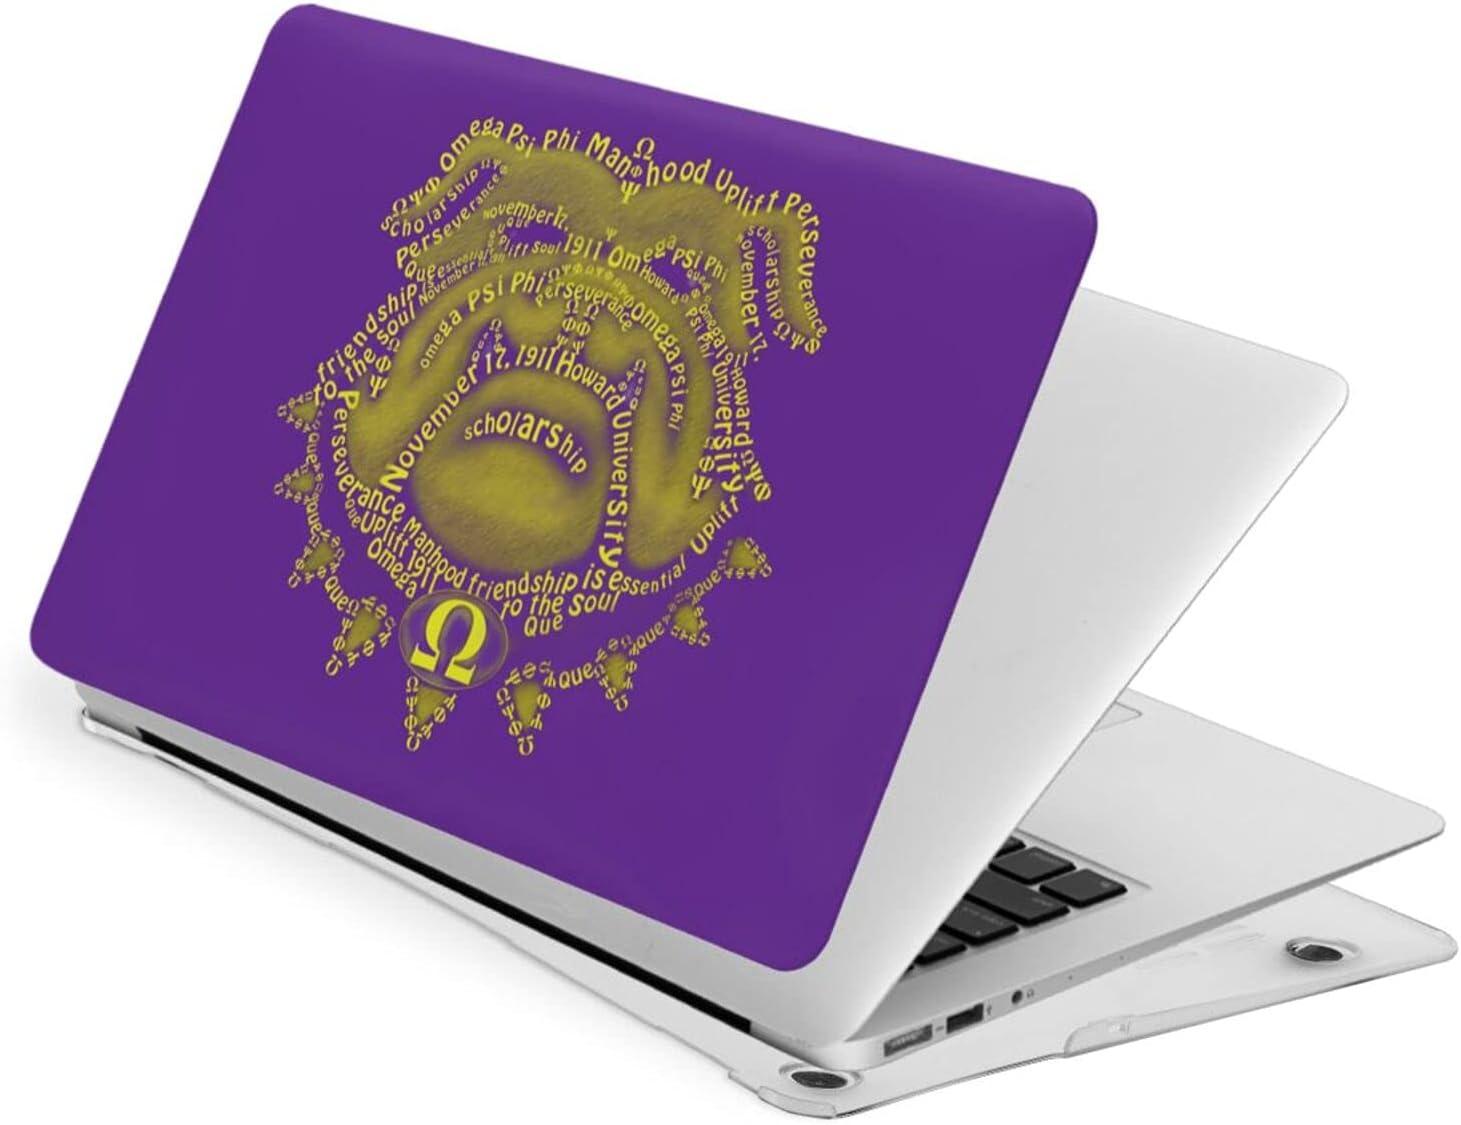 ZHUOBAIL Om-e_g-a P_s_i P-hi 1911 Cas OPP Pro Fraternity MacBook Nippon regular agency Sale